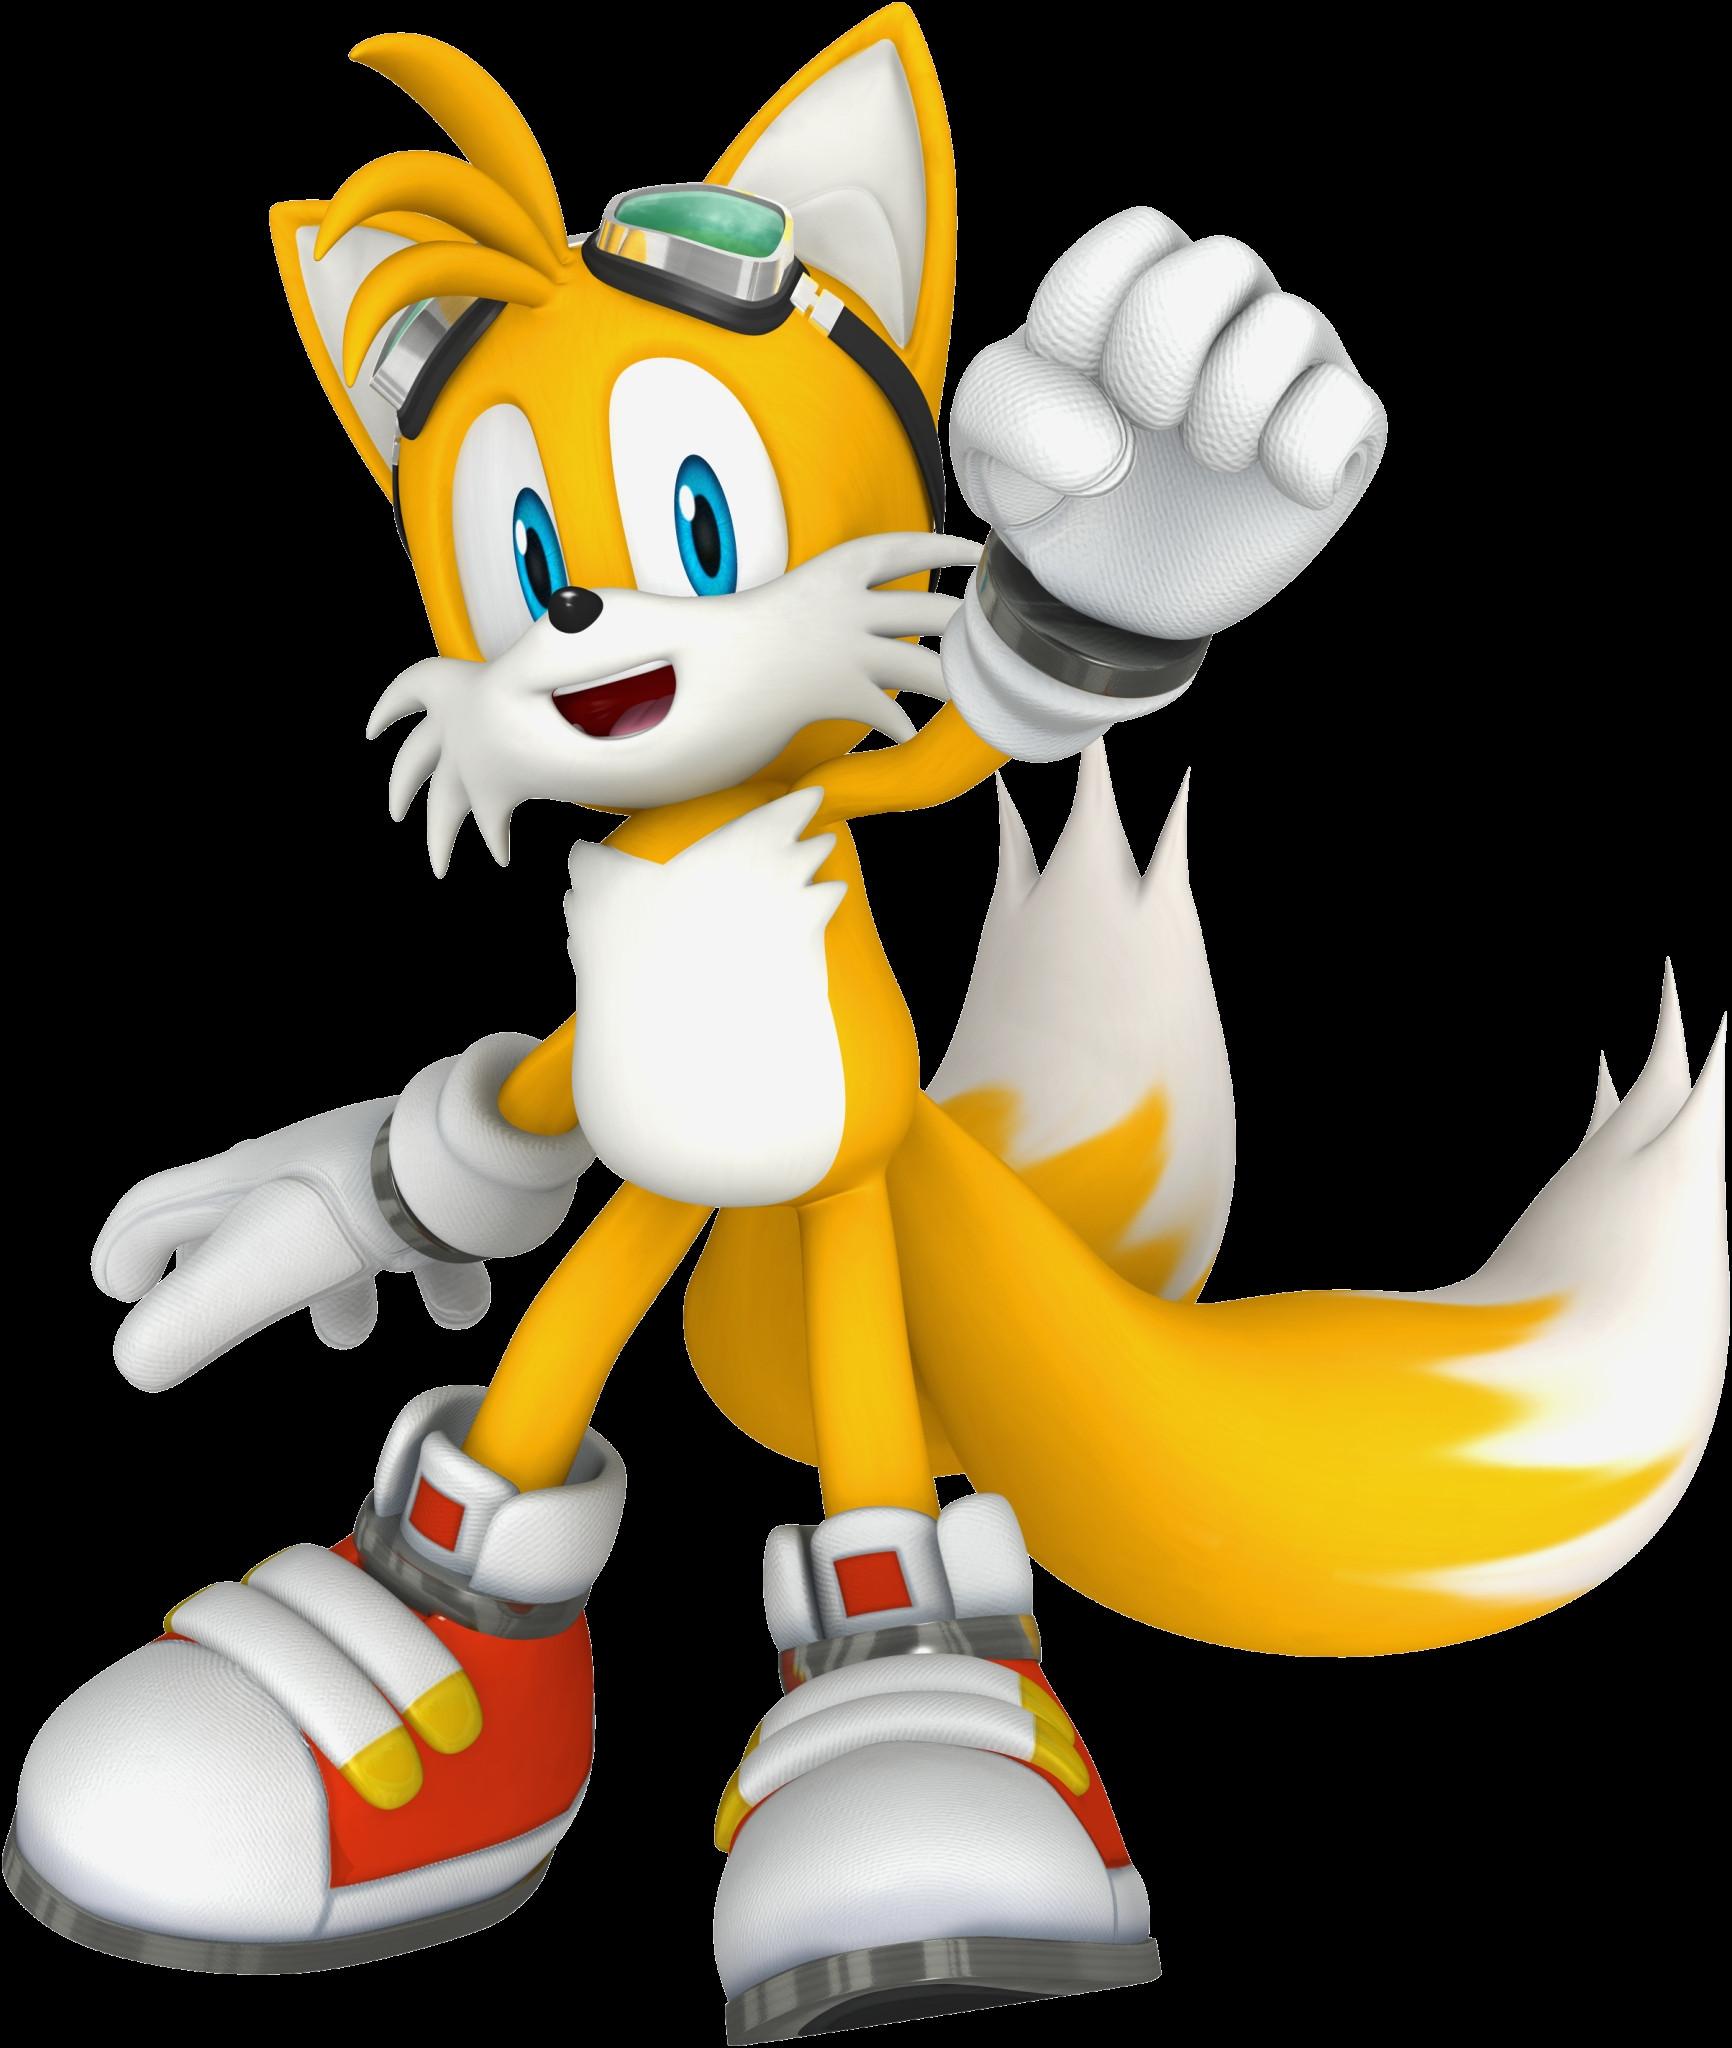 Sonic the Hedgehog Ausmalbilder Das Beste Von Spannende Coloring Bilder Ausmalbilder sonic Fotografieren